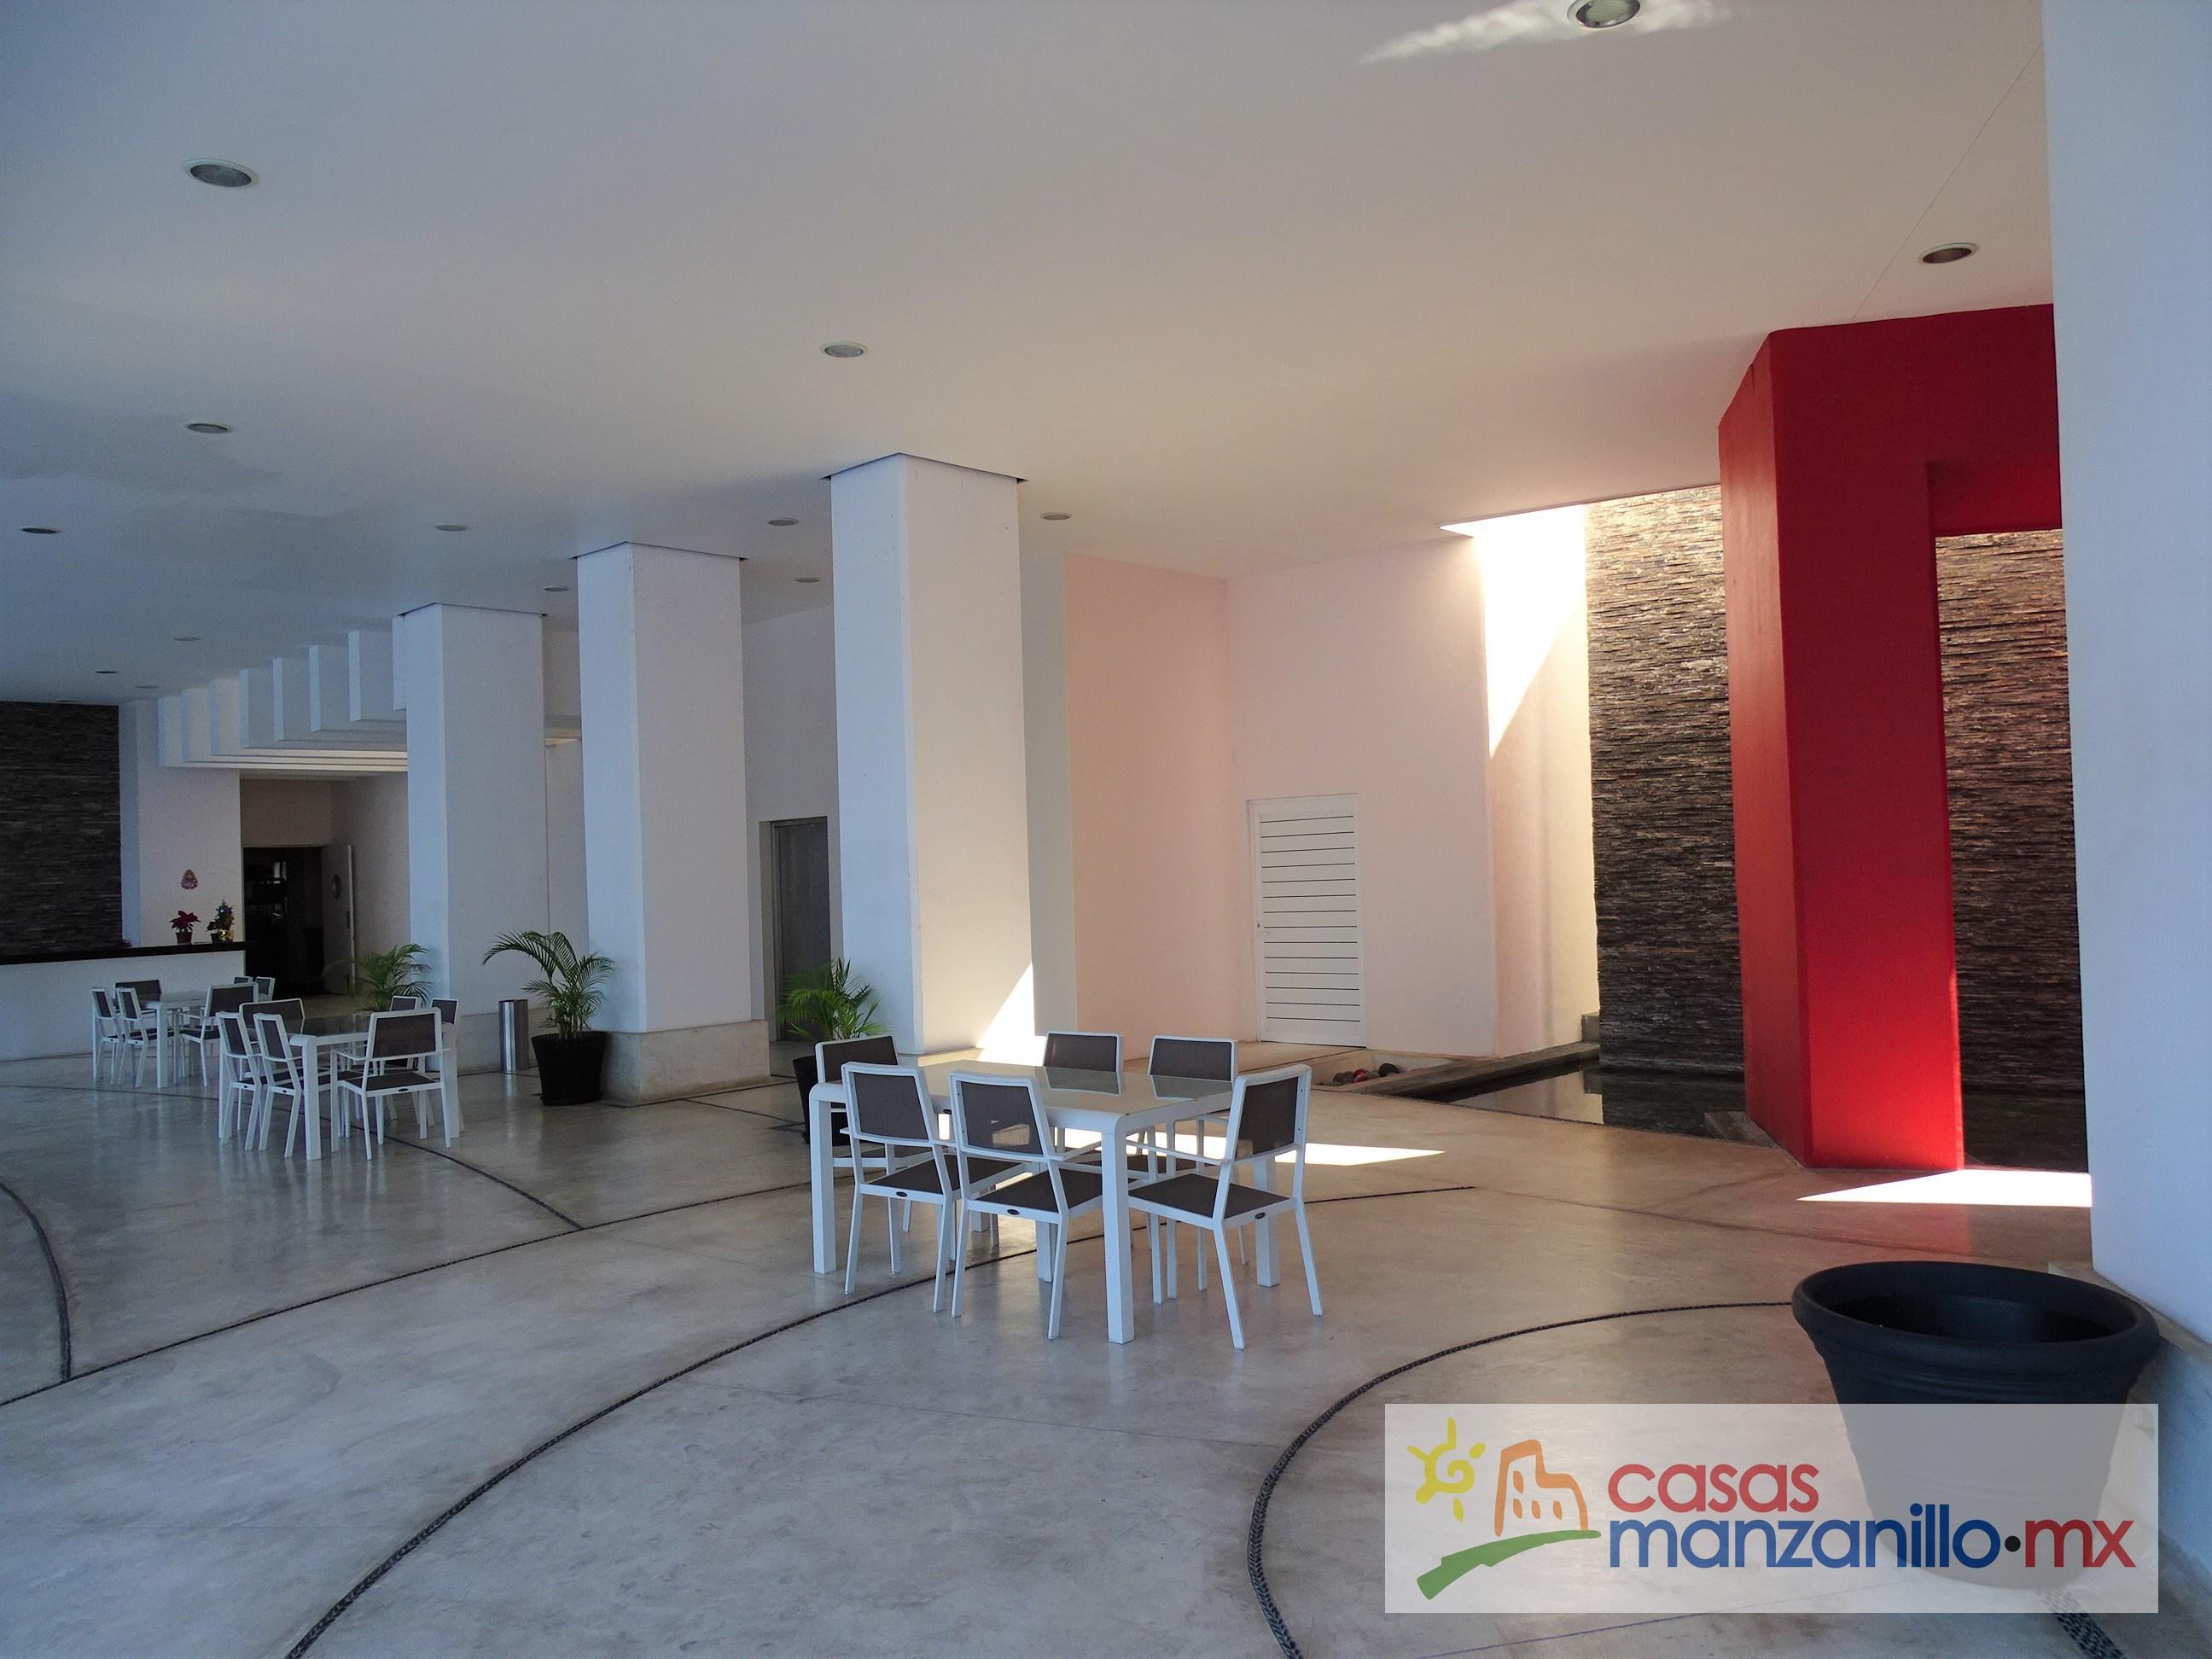 Condominio Galapagos Manzanillo (26)